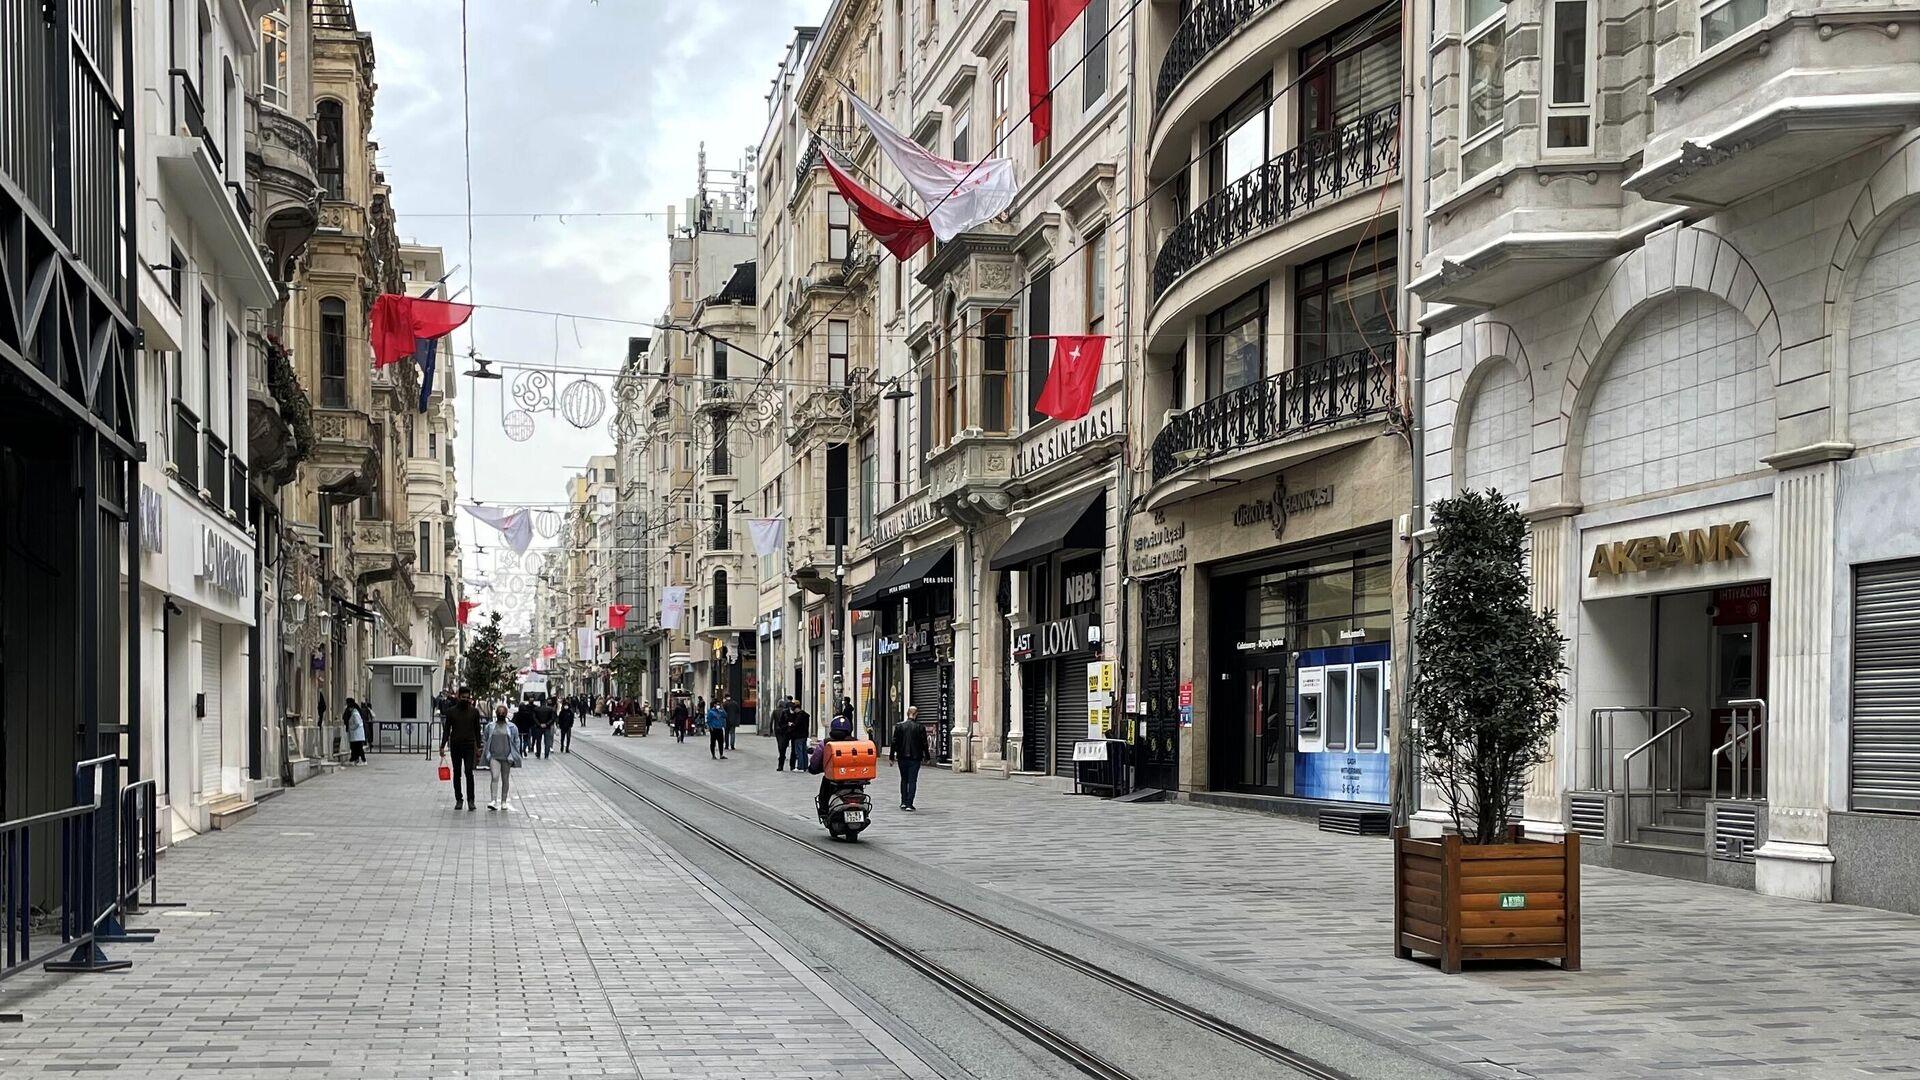 Люди на одной из улиц в Стамбуле - РИА Новости, 1920, 02.05.2021